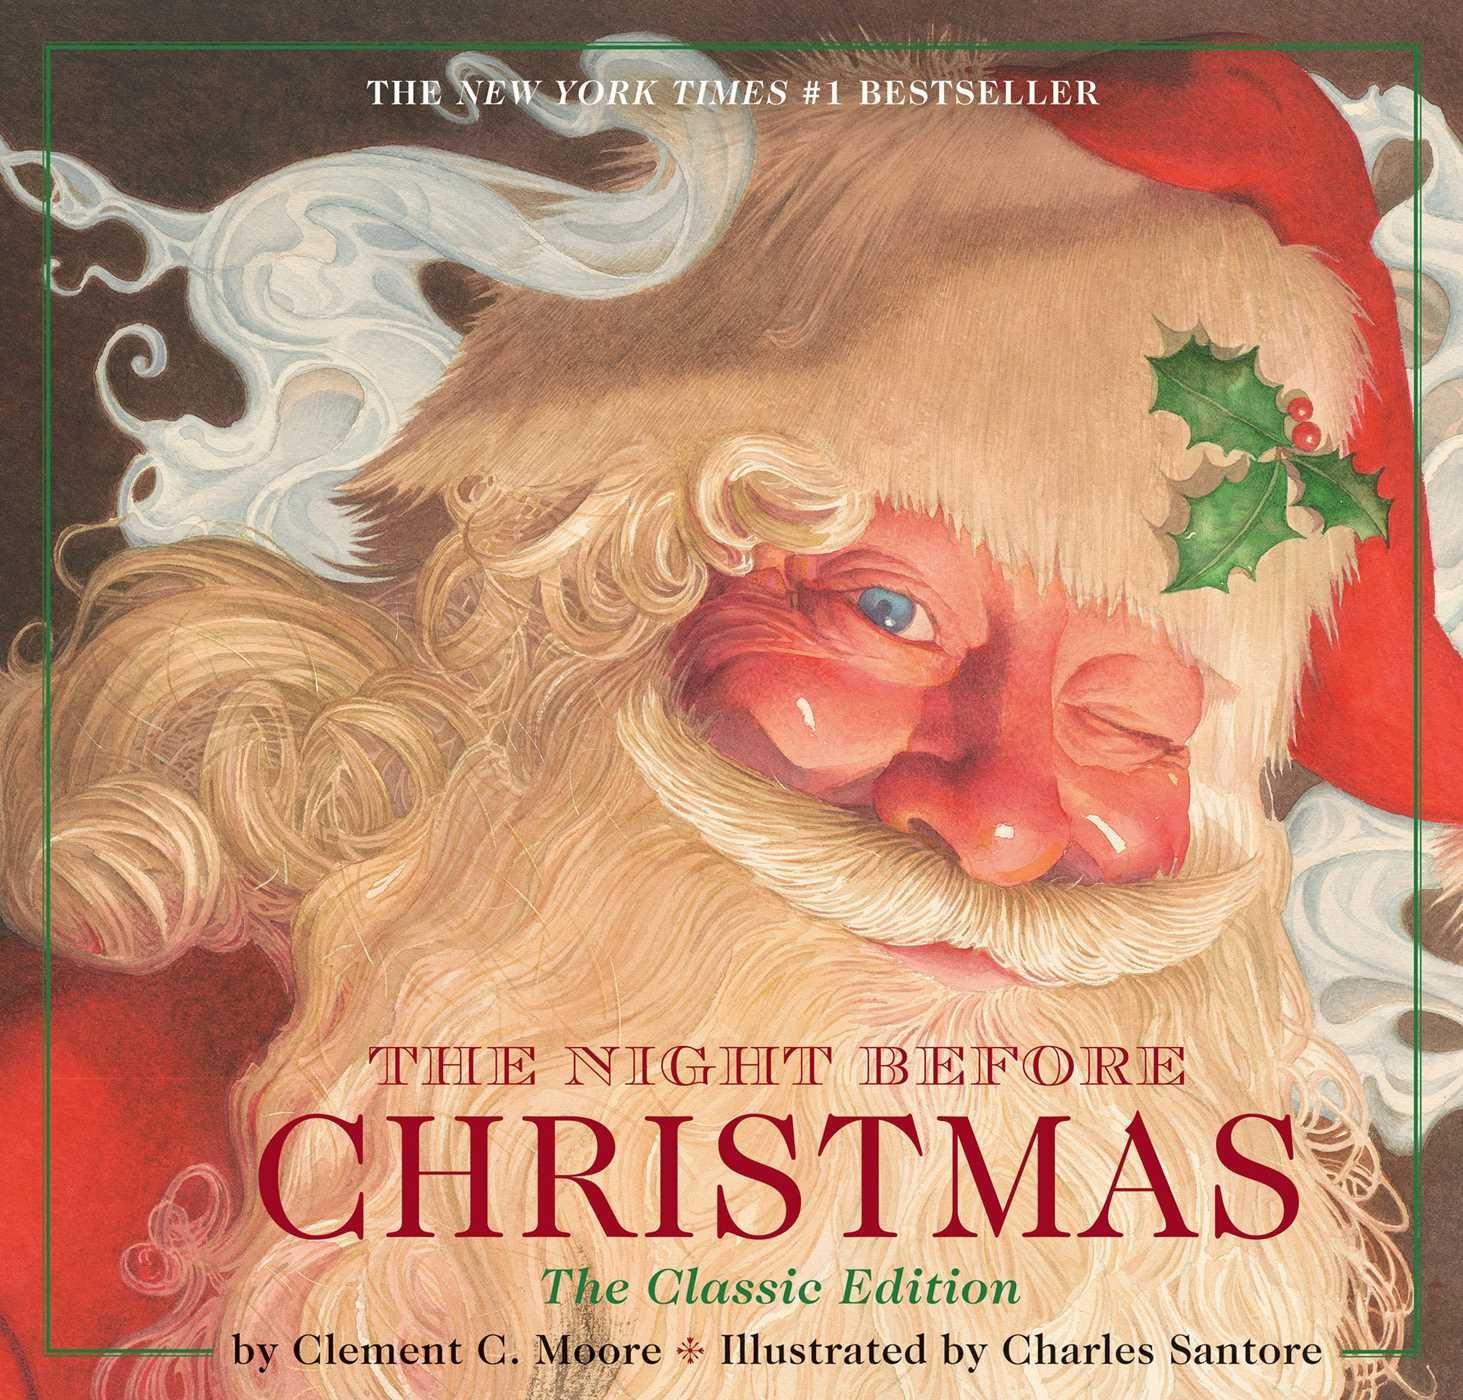 shegotguts - christmas books - twas the night before christmas.jpg